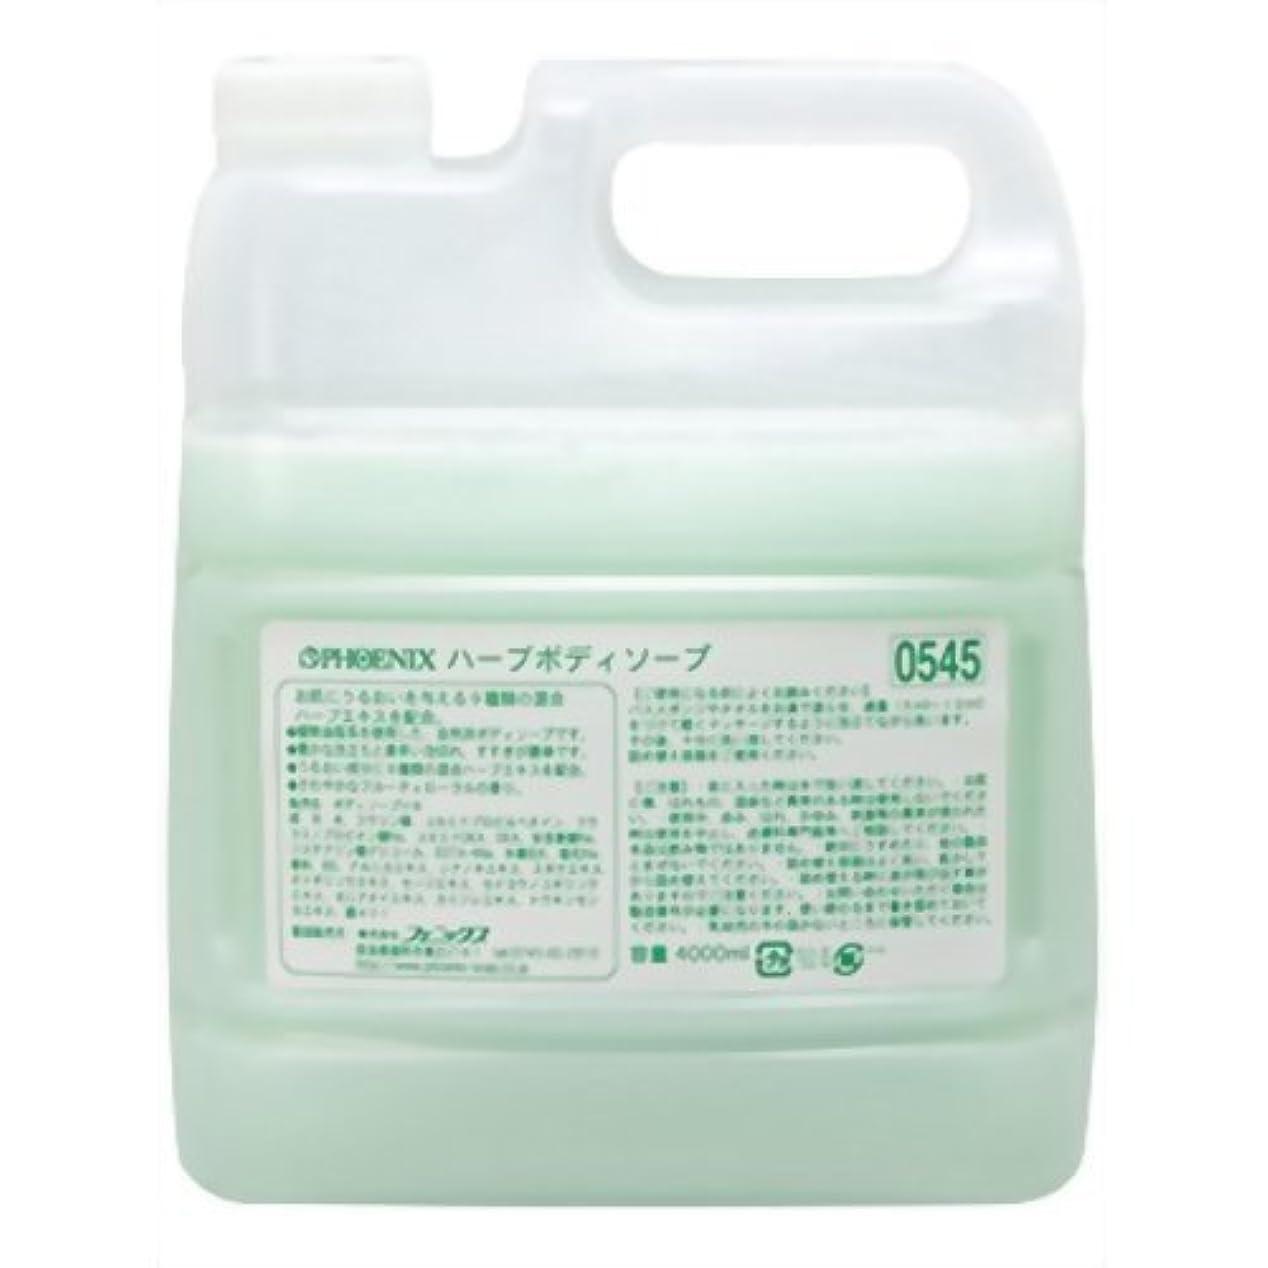 北西貧しい添加剤ハーブボディソープ 4L